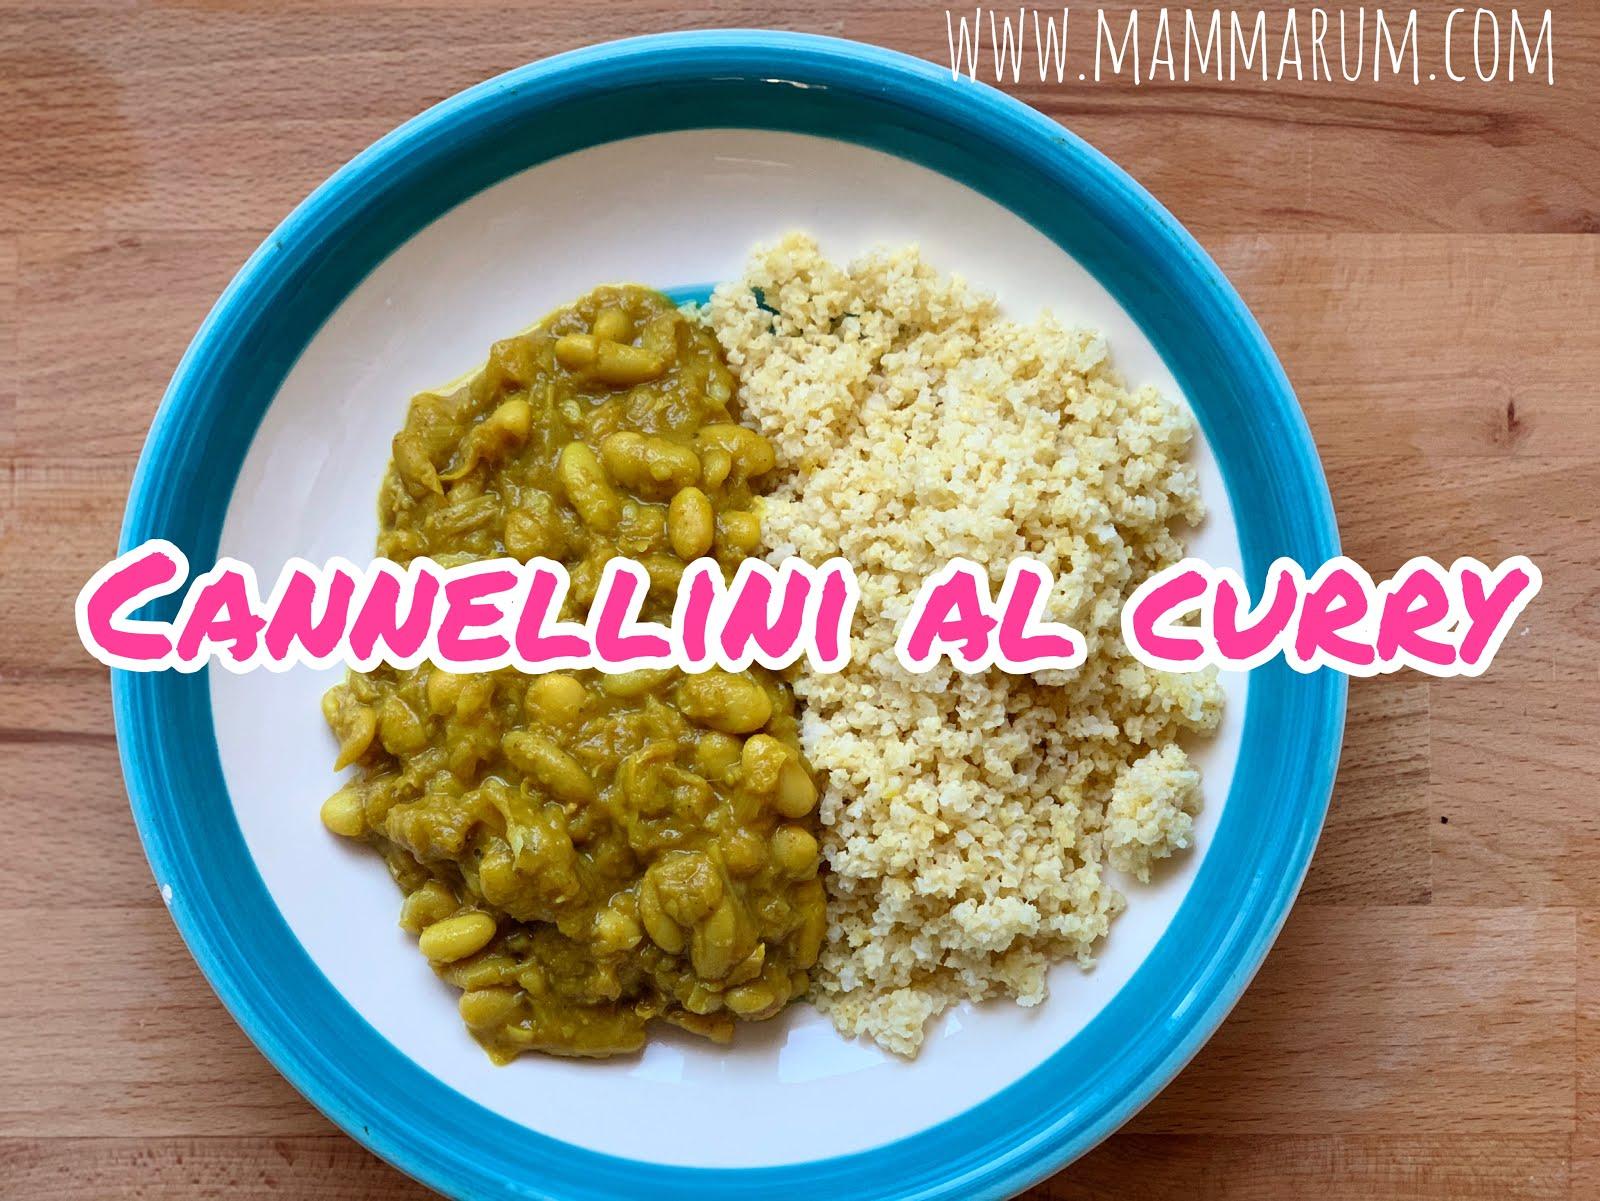 Fagioli al curry